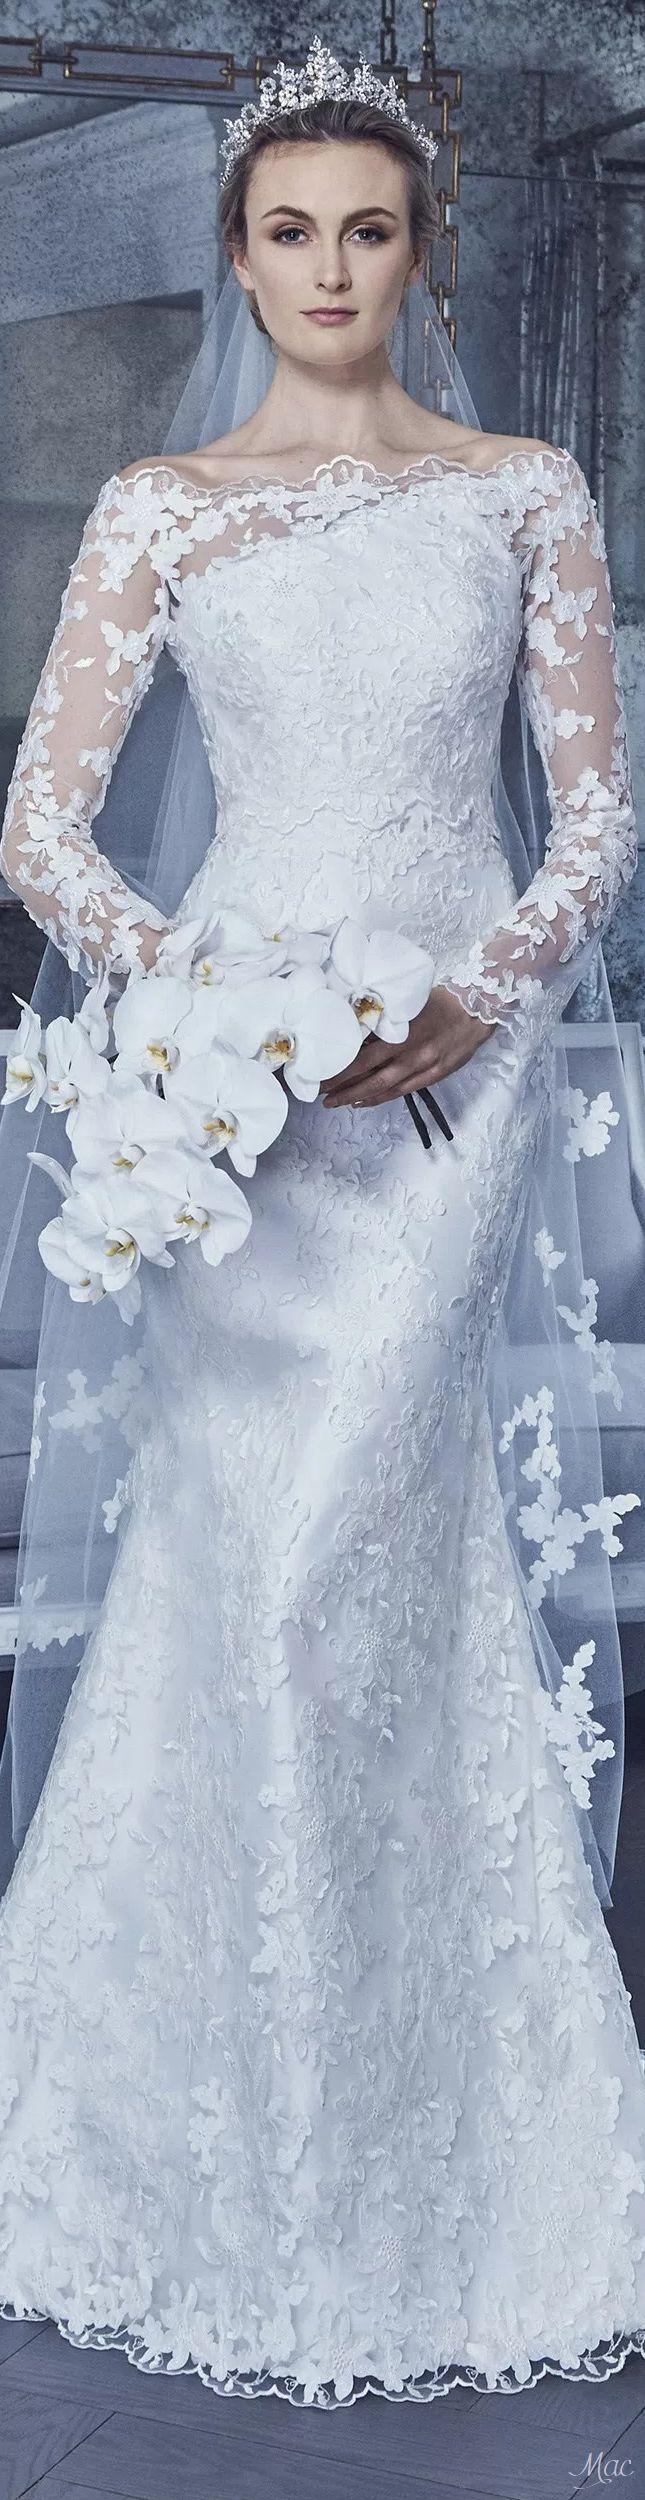 Romona keveza lace wedding dress october 2018  best Inspired Wedding Style images on Pinterest  Wedding